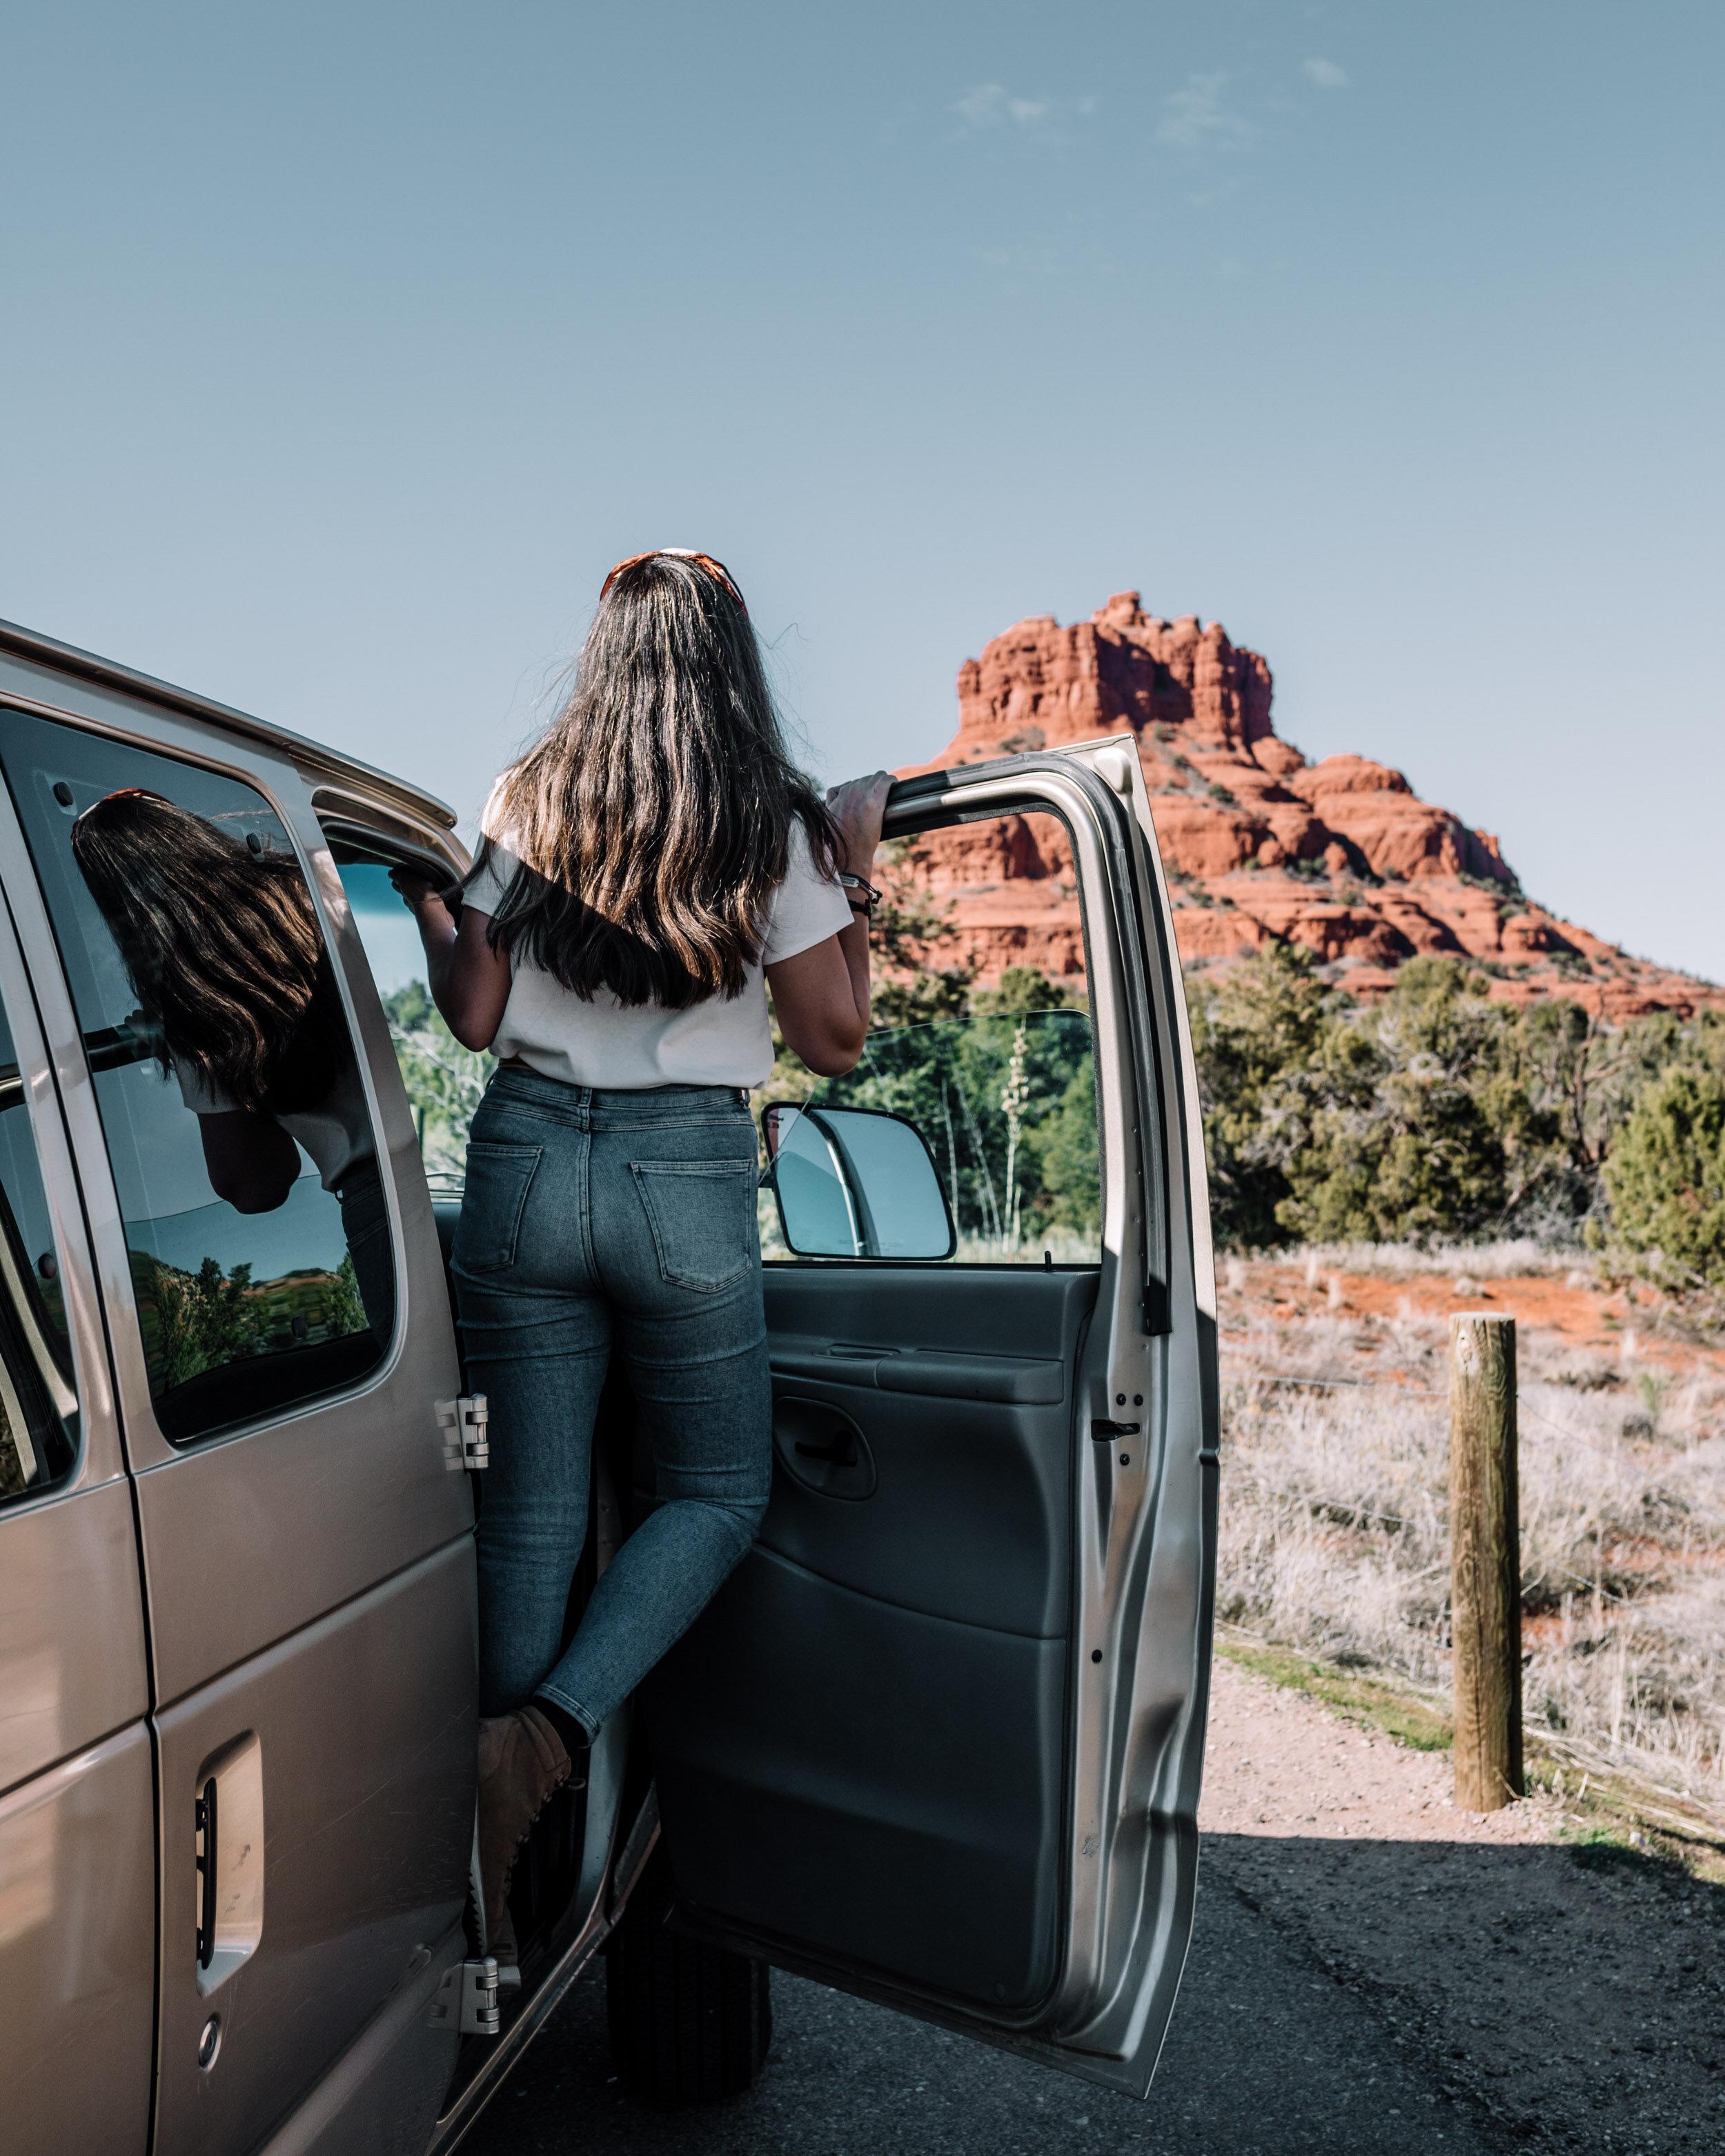 Rachel Off Duty: Woman in Car in Yosemite